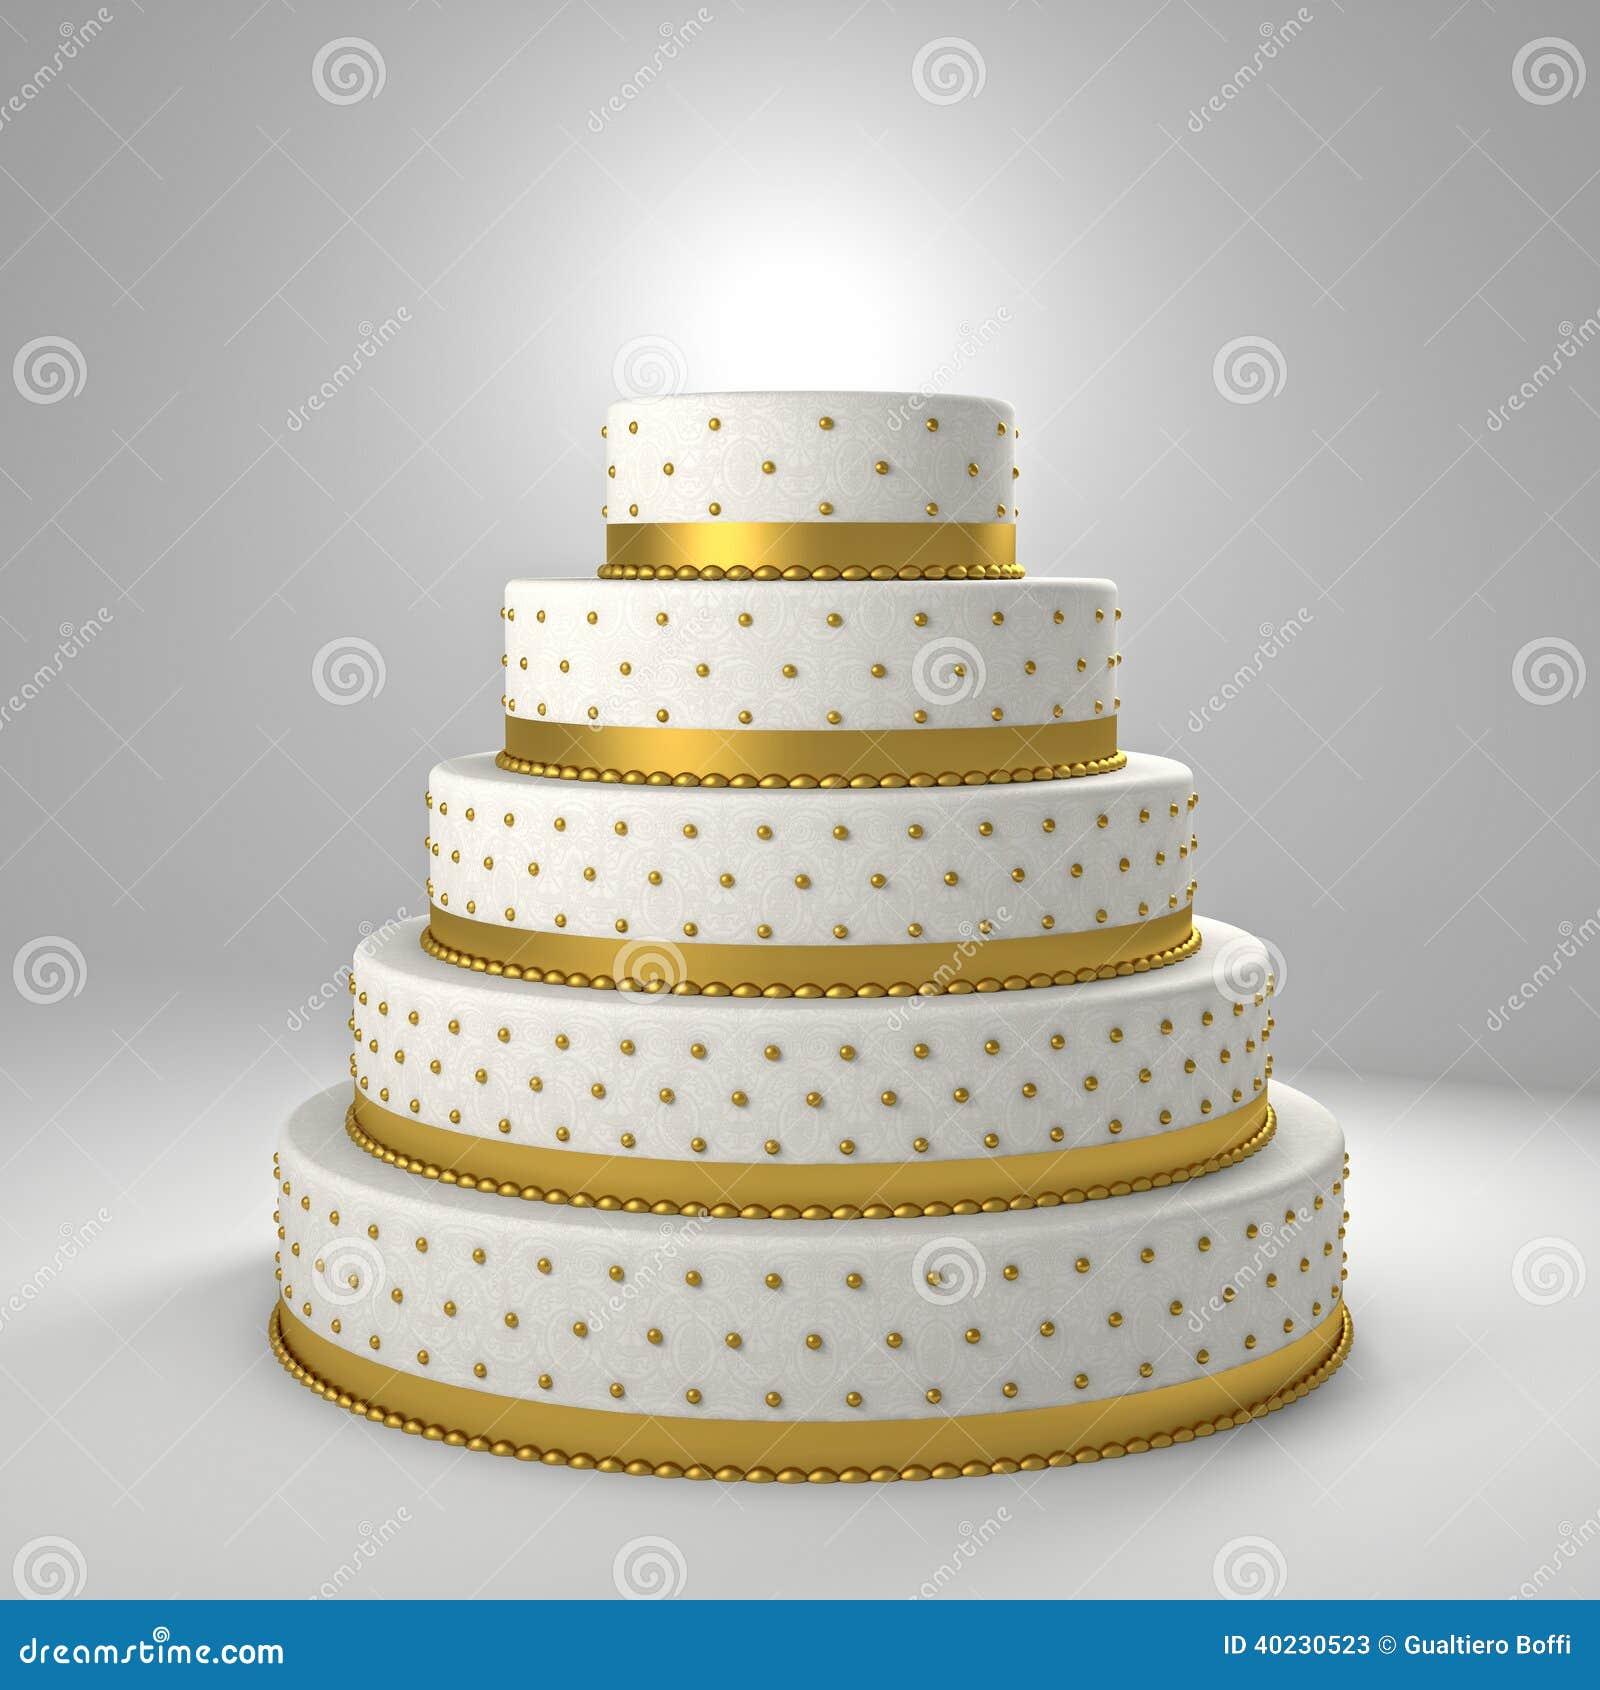 Goldene Hochzeitstorten   Goldene Hochzeitstorte Stock Abbildung Illustration Von Klassisch